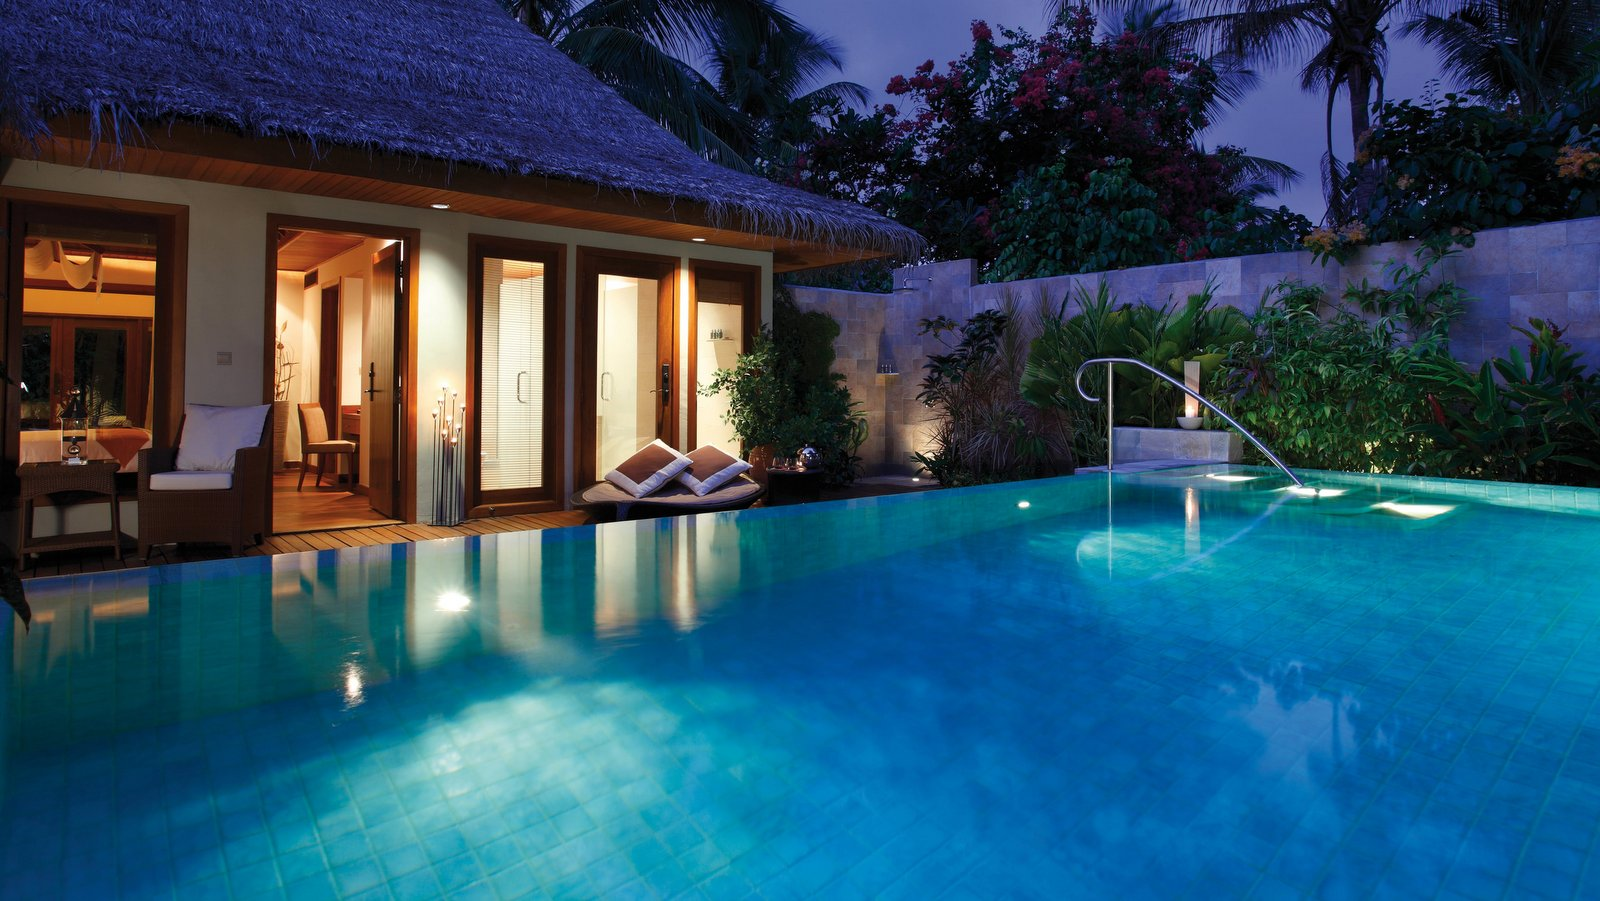 Мальдивы, отель Baros Maldives, номер Baros Residence